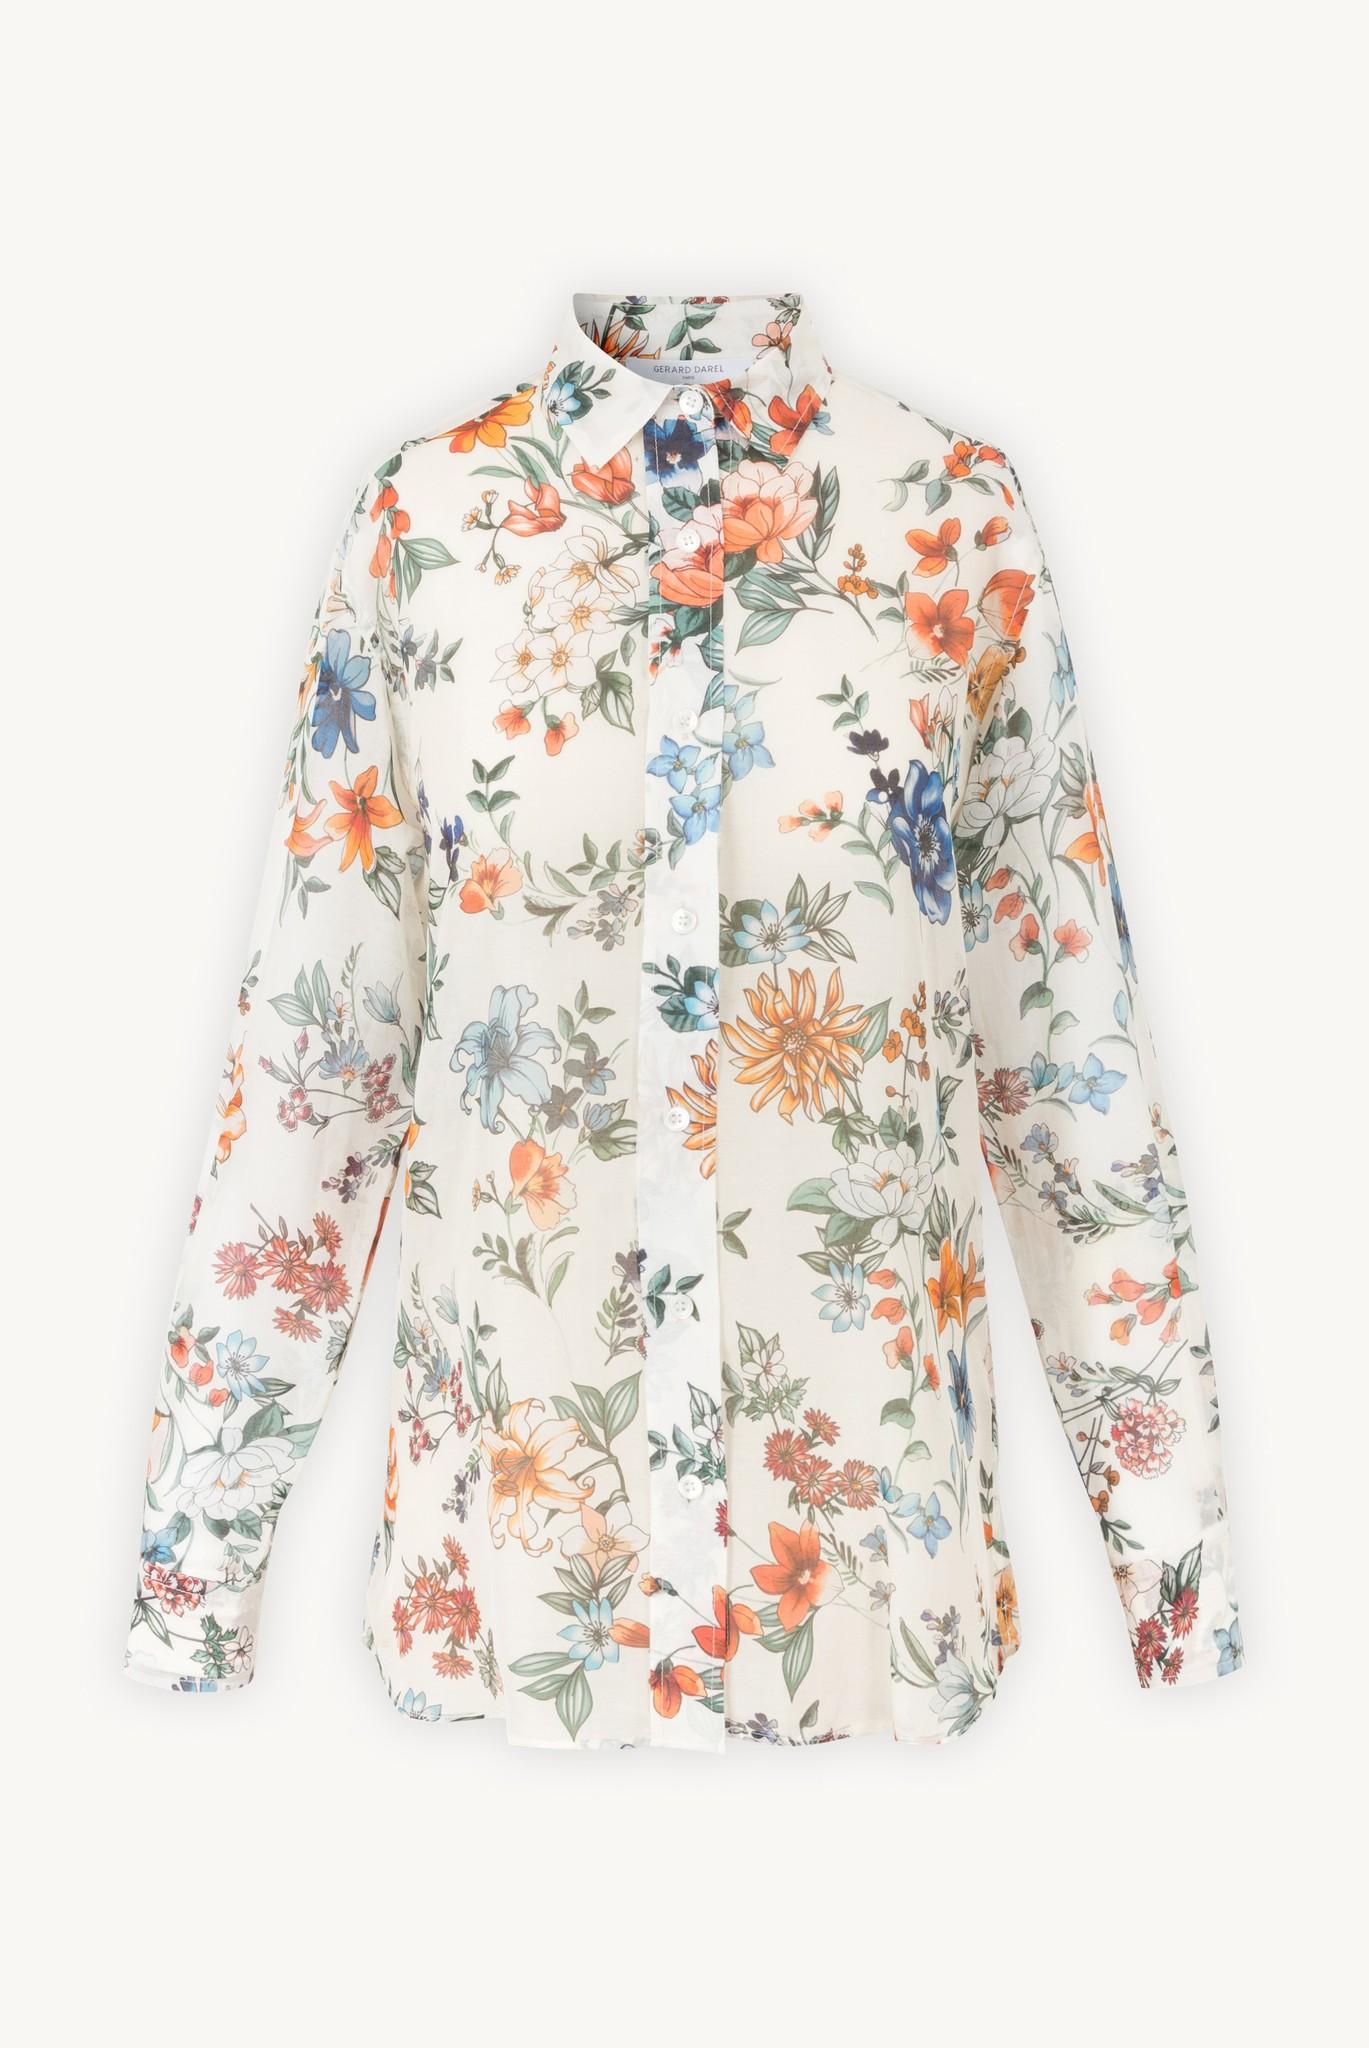 NESSA - Свободная рубашка с цветочным принтом